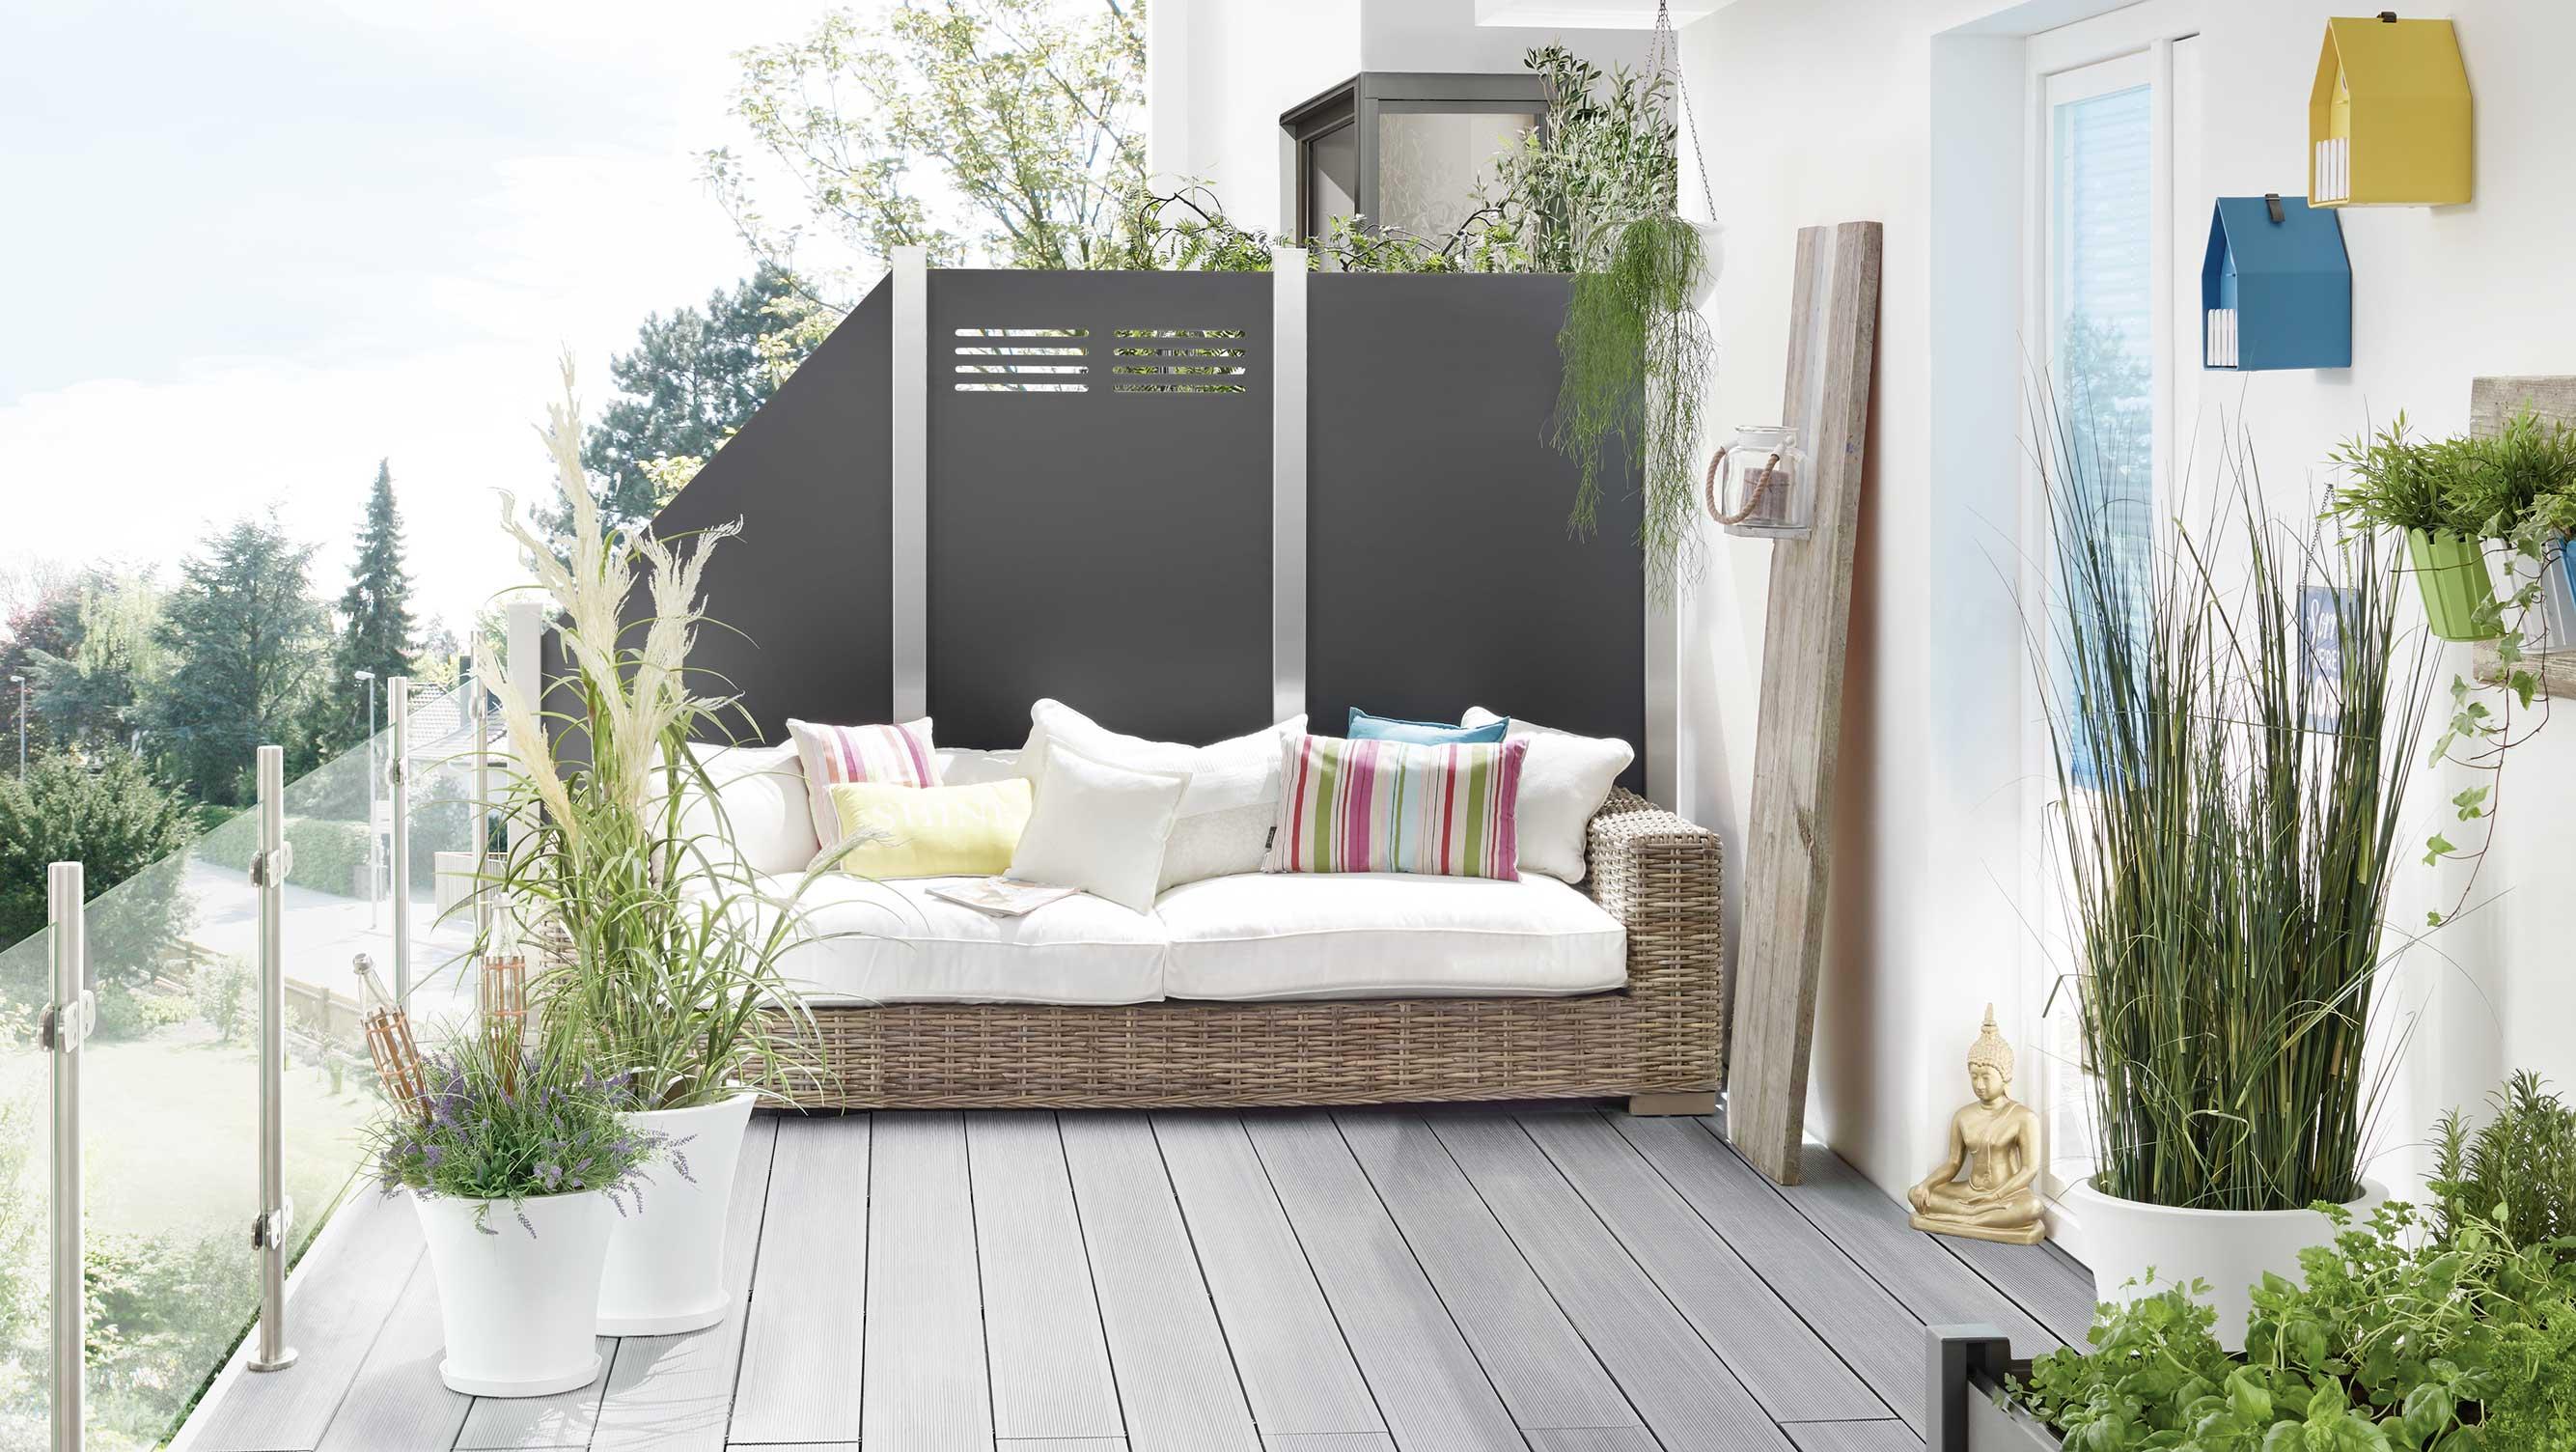 Garten Terrassendiele grau Bruegmann HolzLand Beese Unna Dortmund